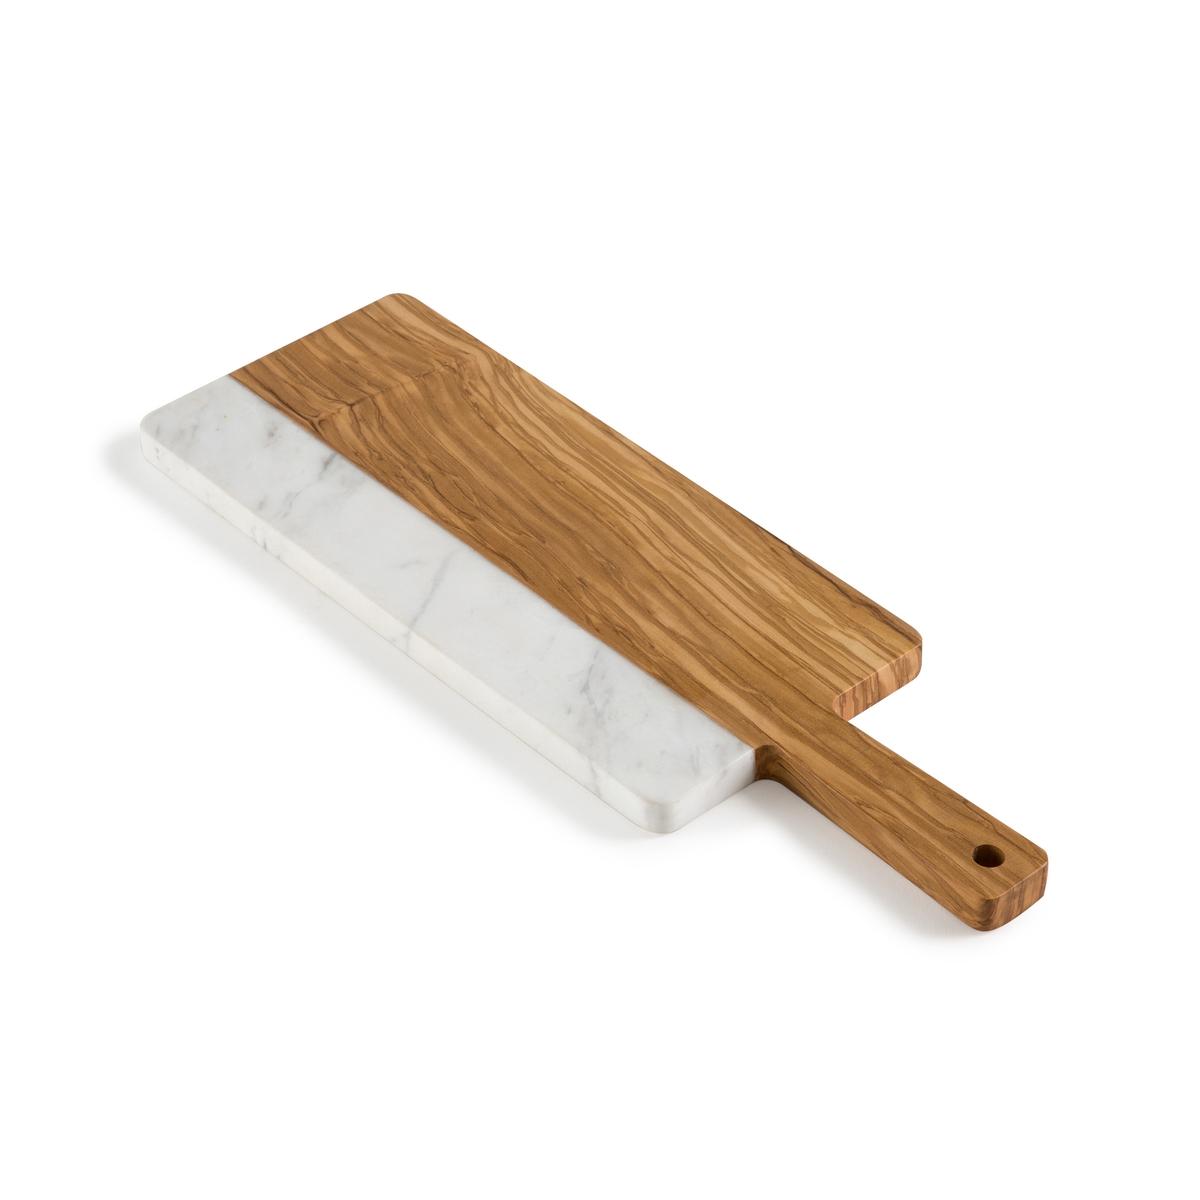 Доска разделочная из дерева и мрамора AGLIAОписание:Разделочная доска La Redoute Interieurs из белого мрамора и оливкового дерева прямоугольной формы. Мультифункциональная доска изящного дизайна.Характеристики разделочной доски •  Белый мрамор и оливковое дерево •  Отверстие на ручкеРазмеры разделочной доски •  Размеры 38,1 x 12,8 x 1,5 смВсю коллекцию столового декора вы найдете на сайте laredoute.<br><br>Цвет: мраморный